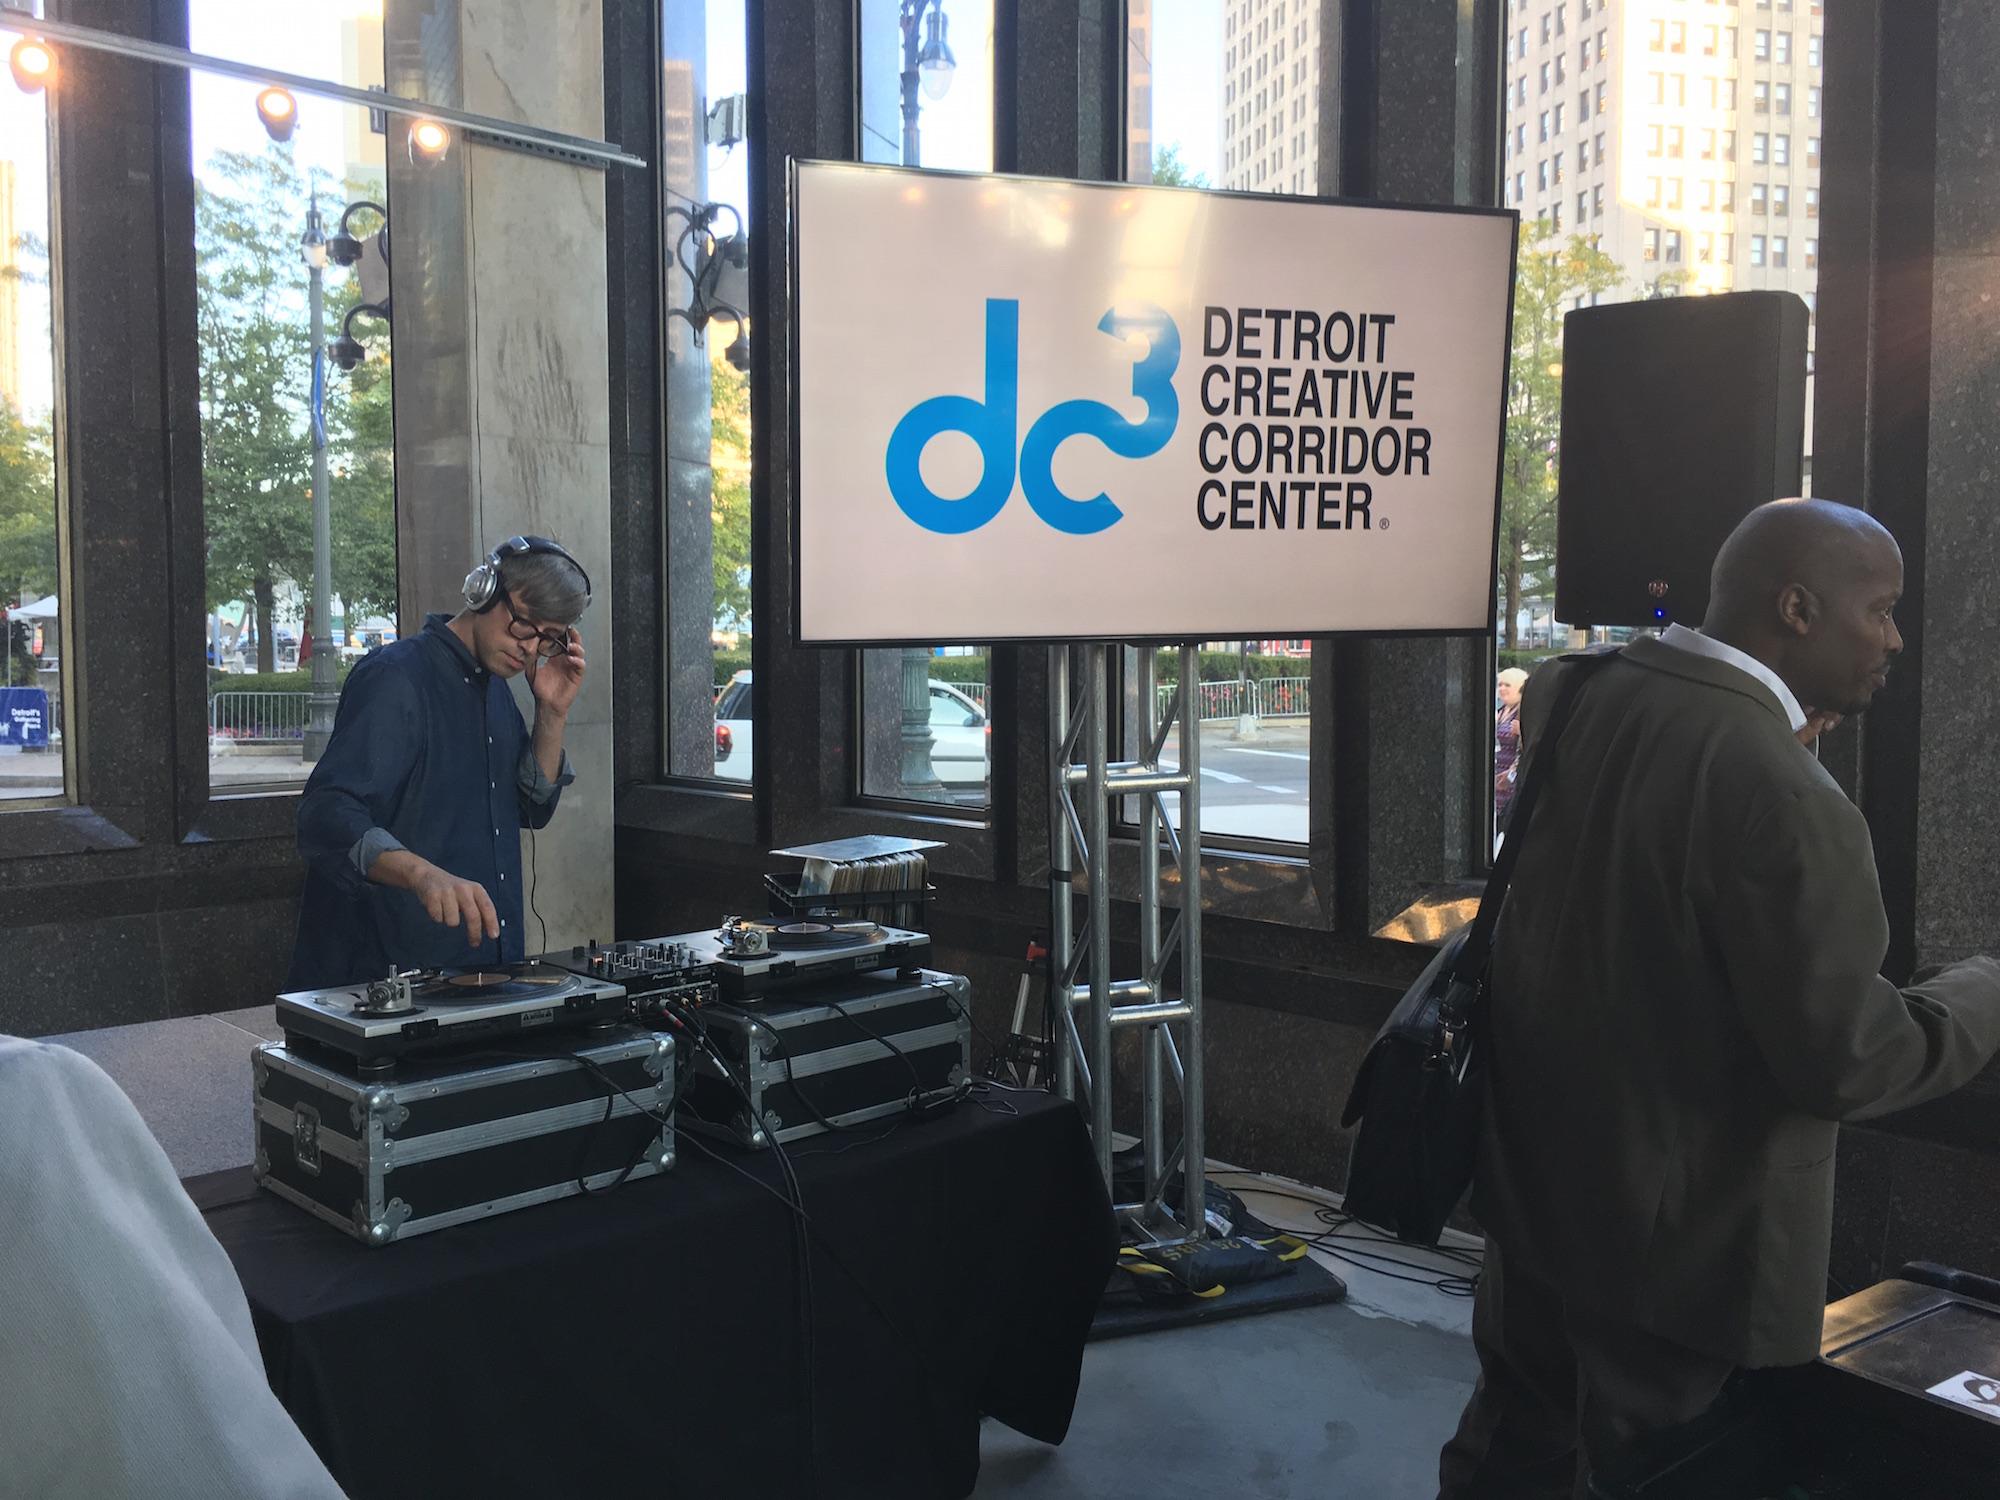 Detrot Design Festival